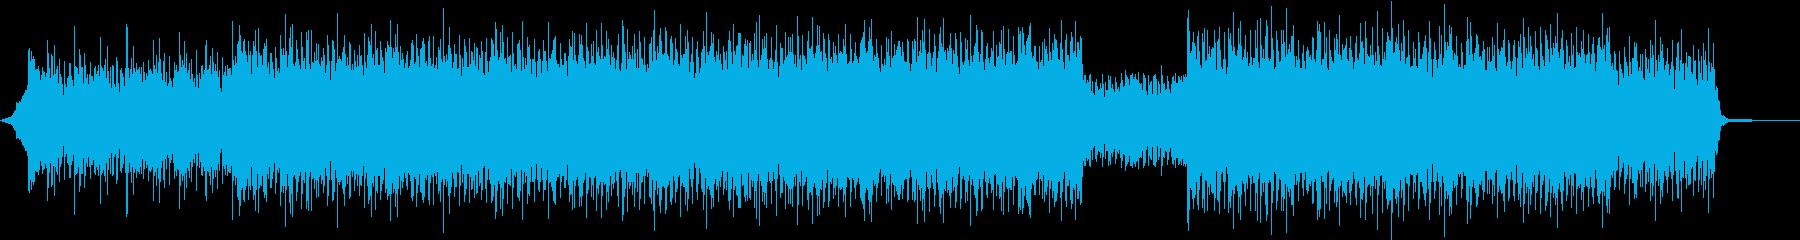 エレクトロ、ダークテクスチャー 緊迫感の再生済みの波形